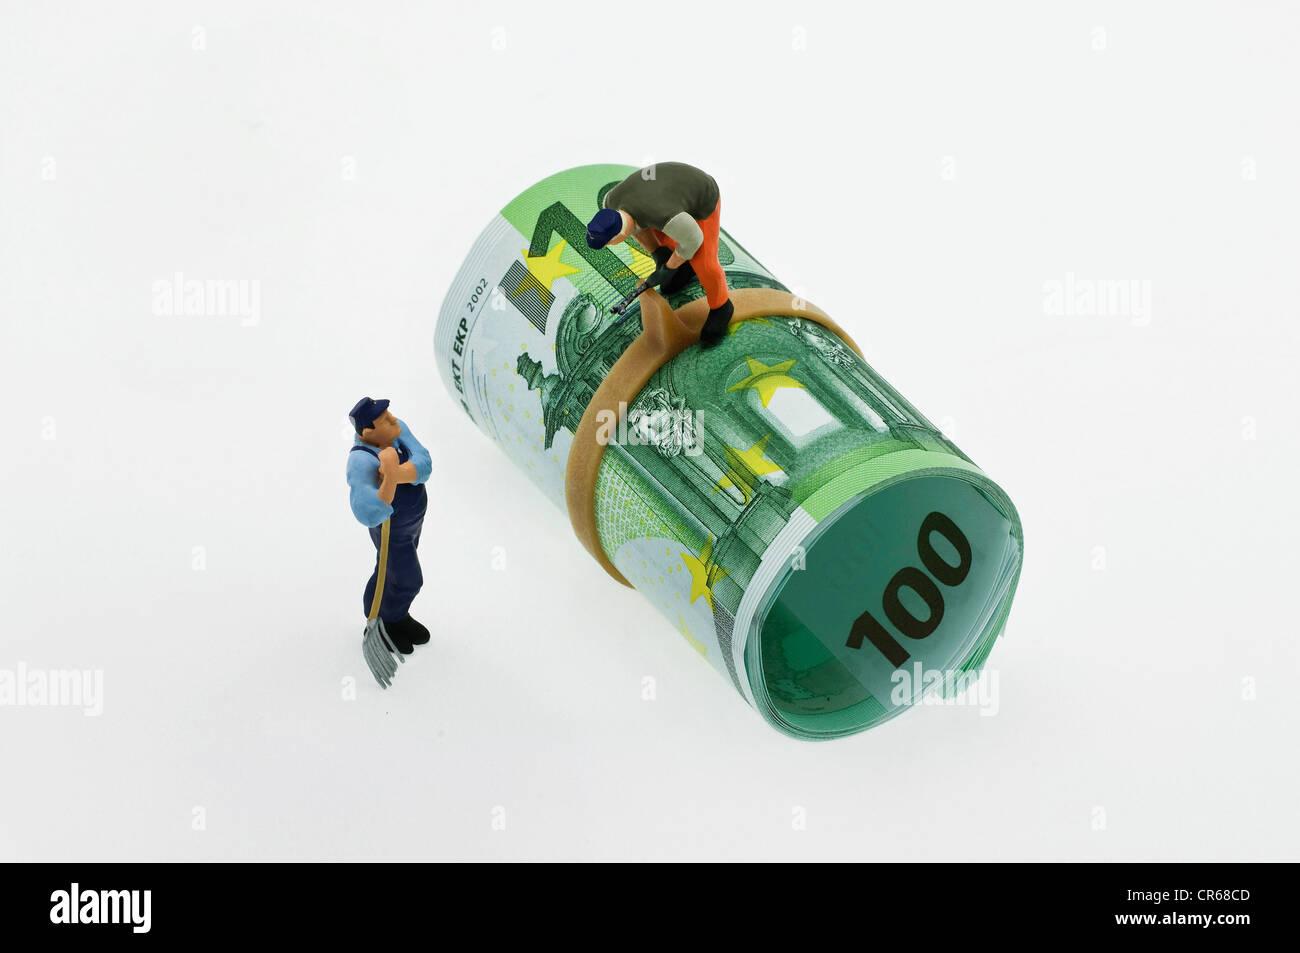 Deux figures miniatures d'ouvriers, l'un à l'aide d'un outil sur un rouleau de 100 euros, le Photo Stock